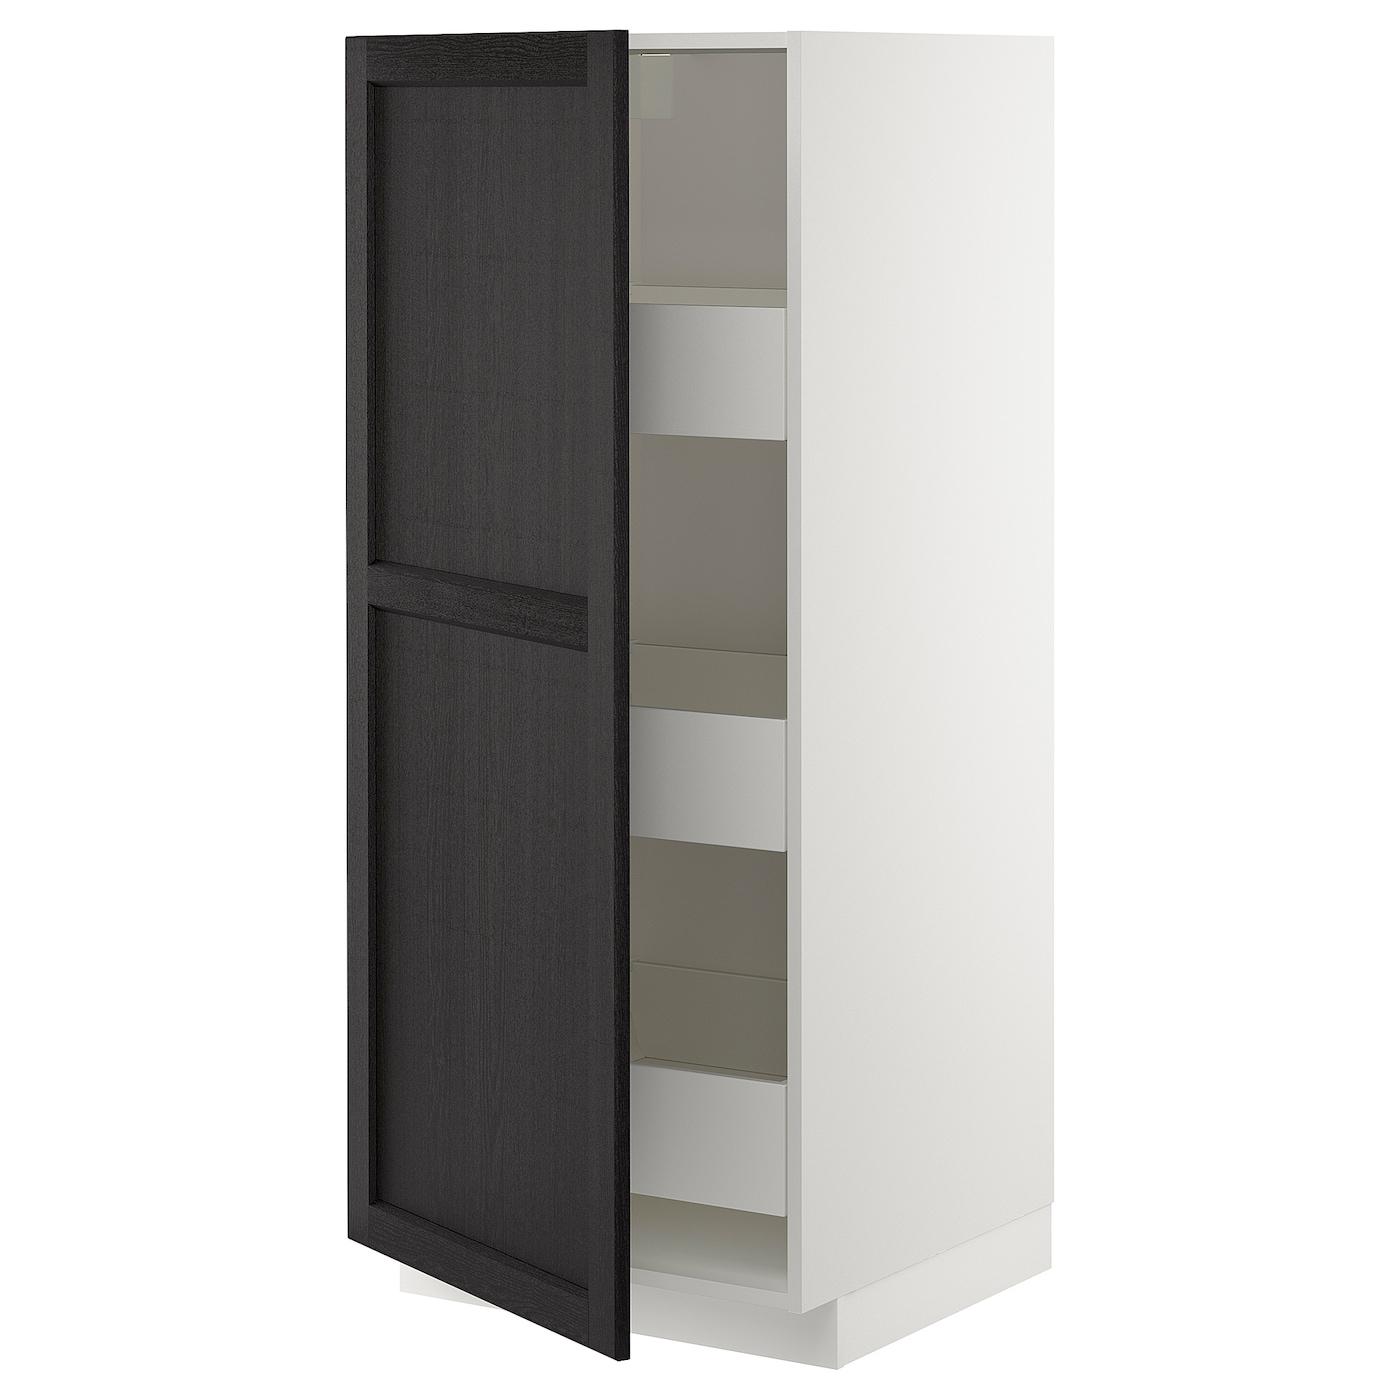 Tirador de puerta de armario de metal negro 274 mm